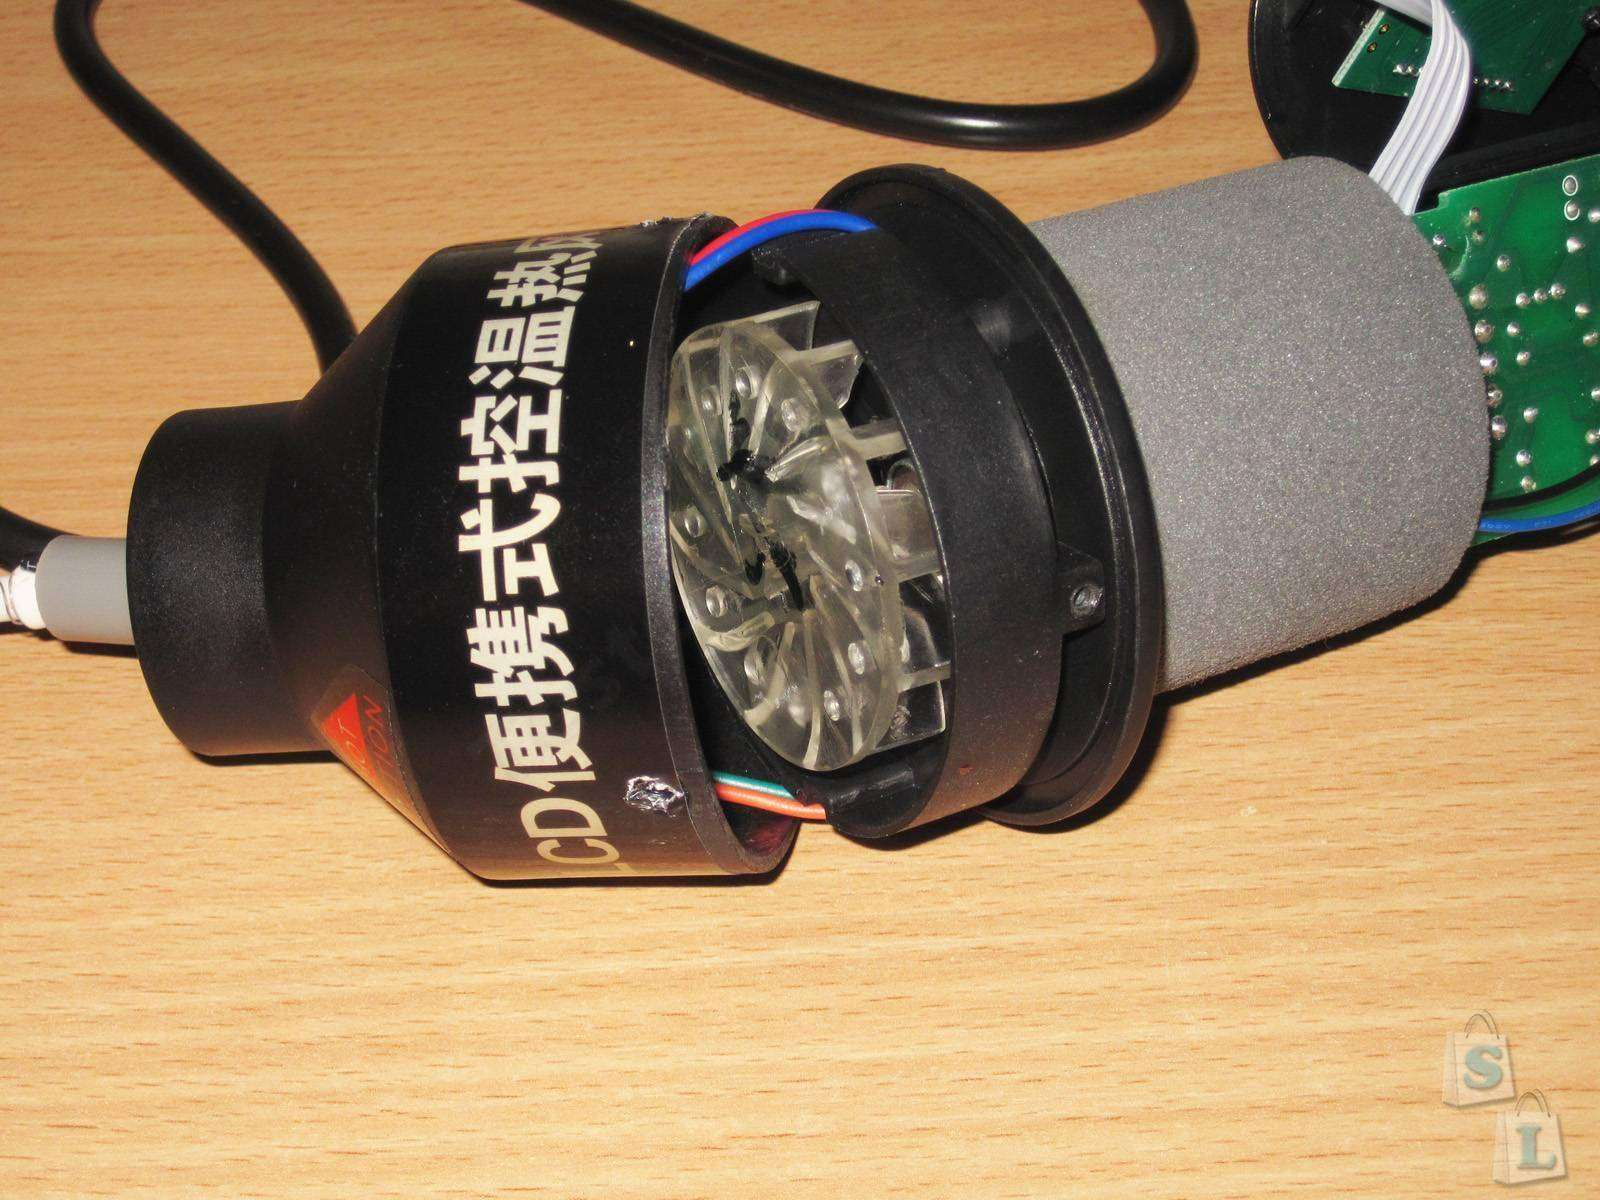 GearBest: GJ-8018LCD простой термофен и небольшое сравнение